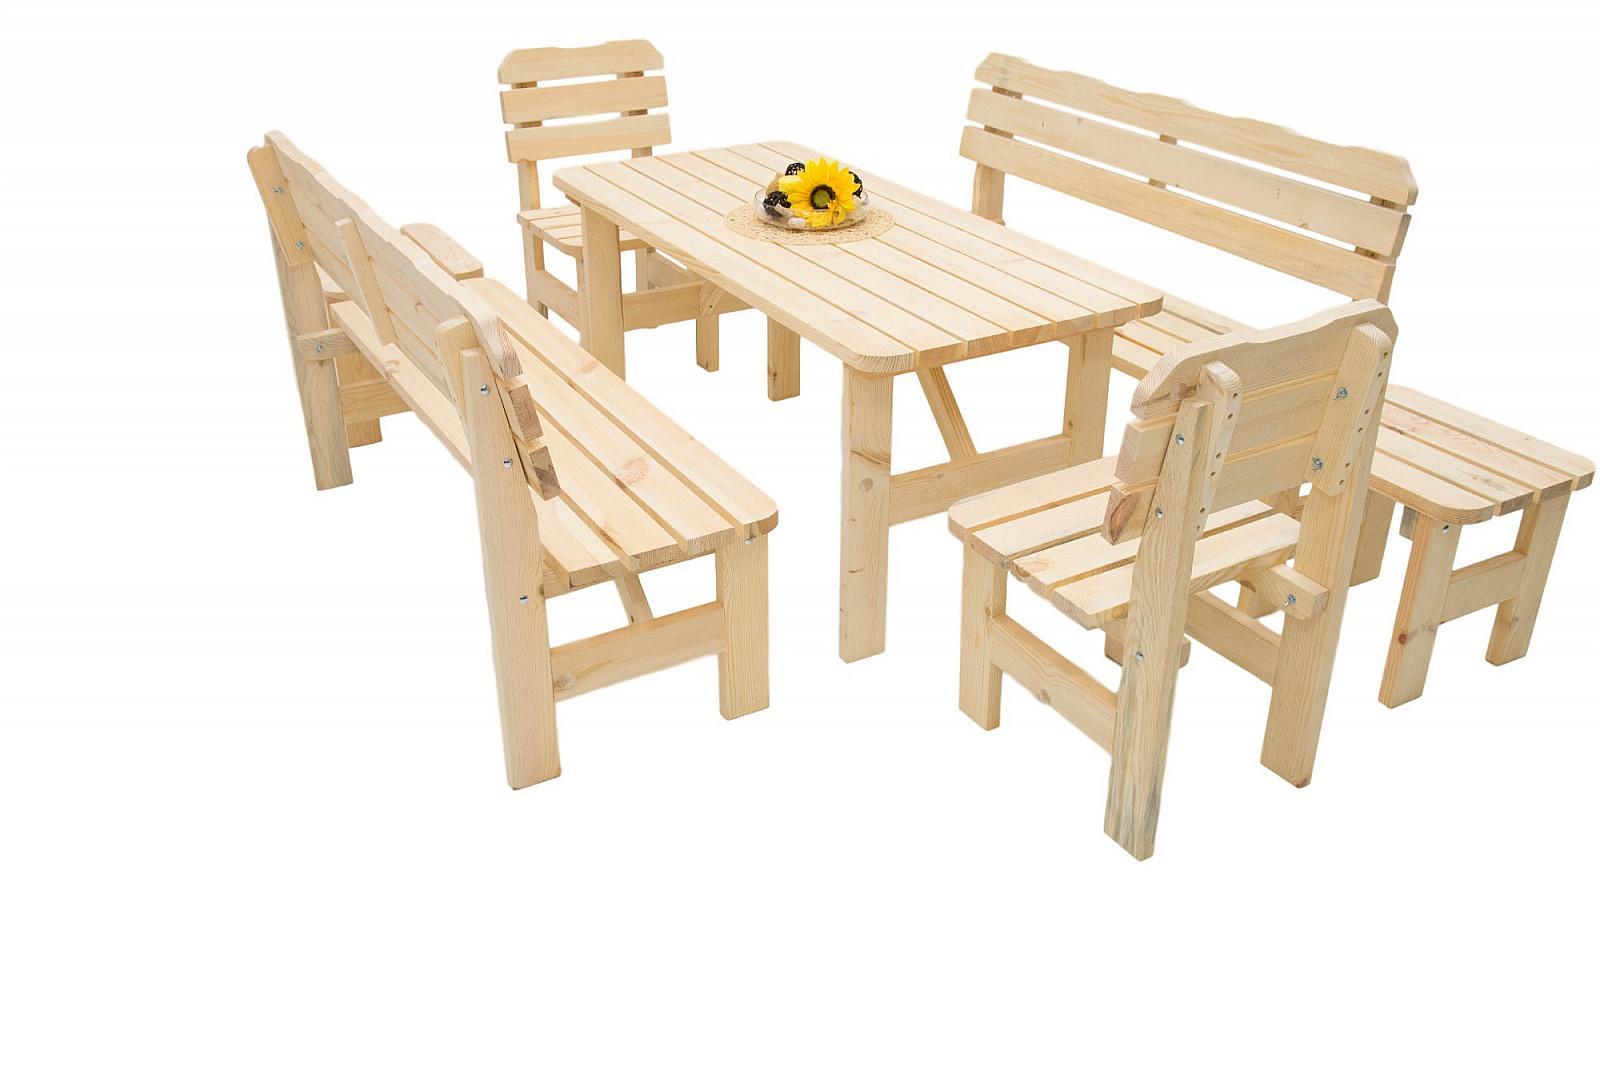 DEOKORK Masívna drevená záhradná zostava z borovice 1 6 drevo 32 mm (200 cm)